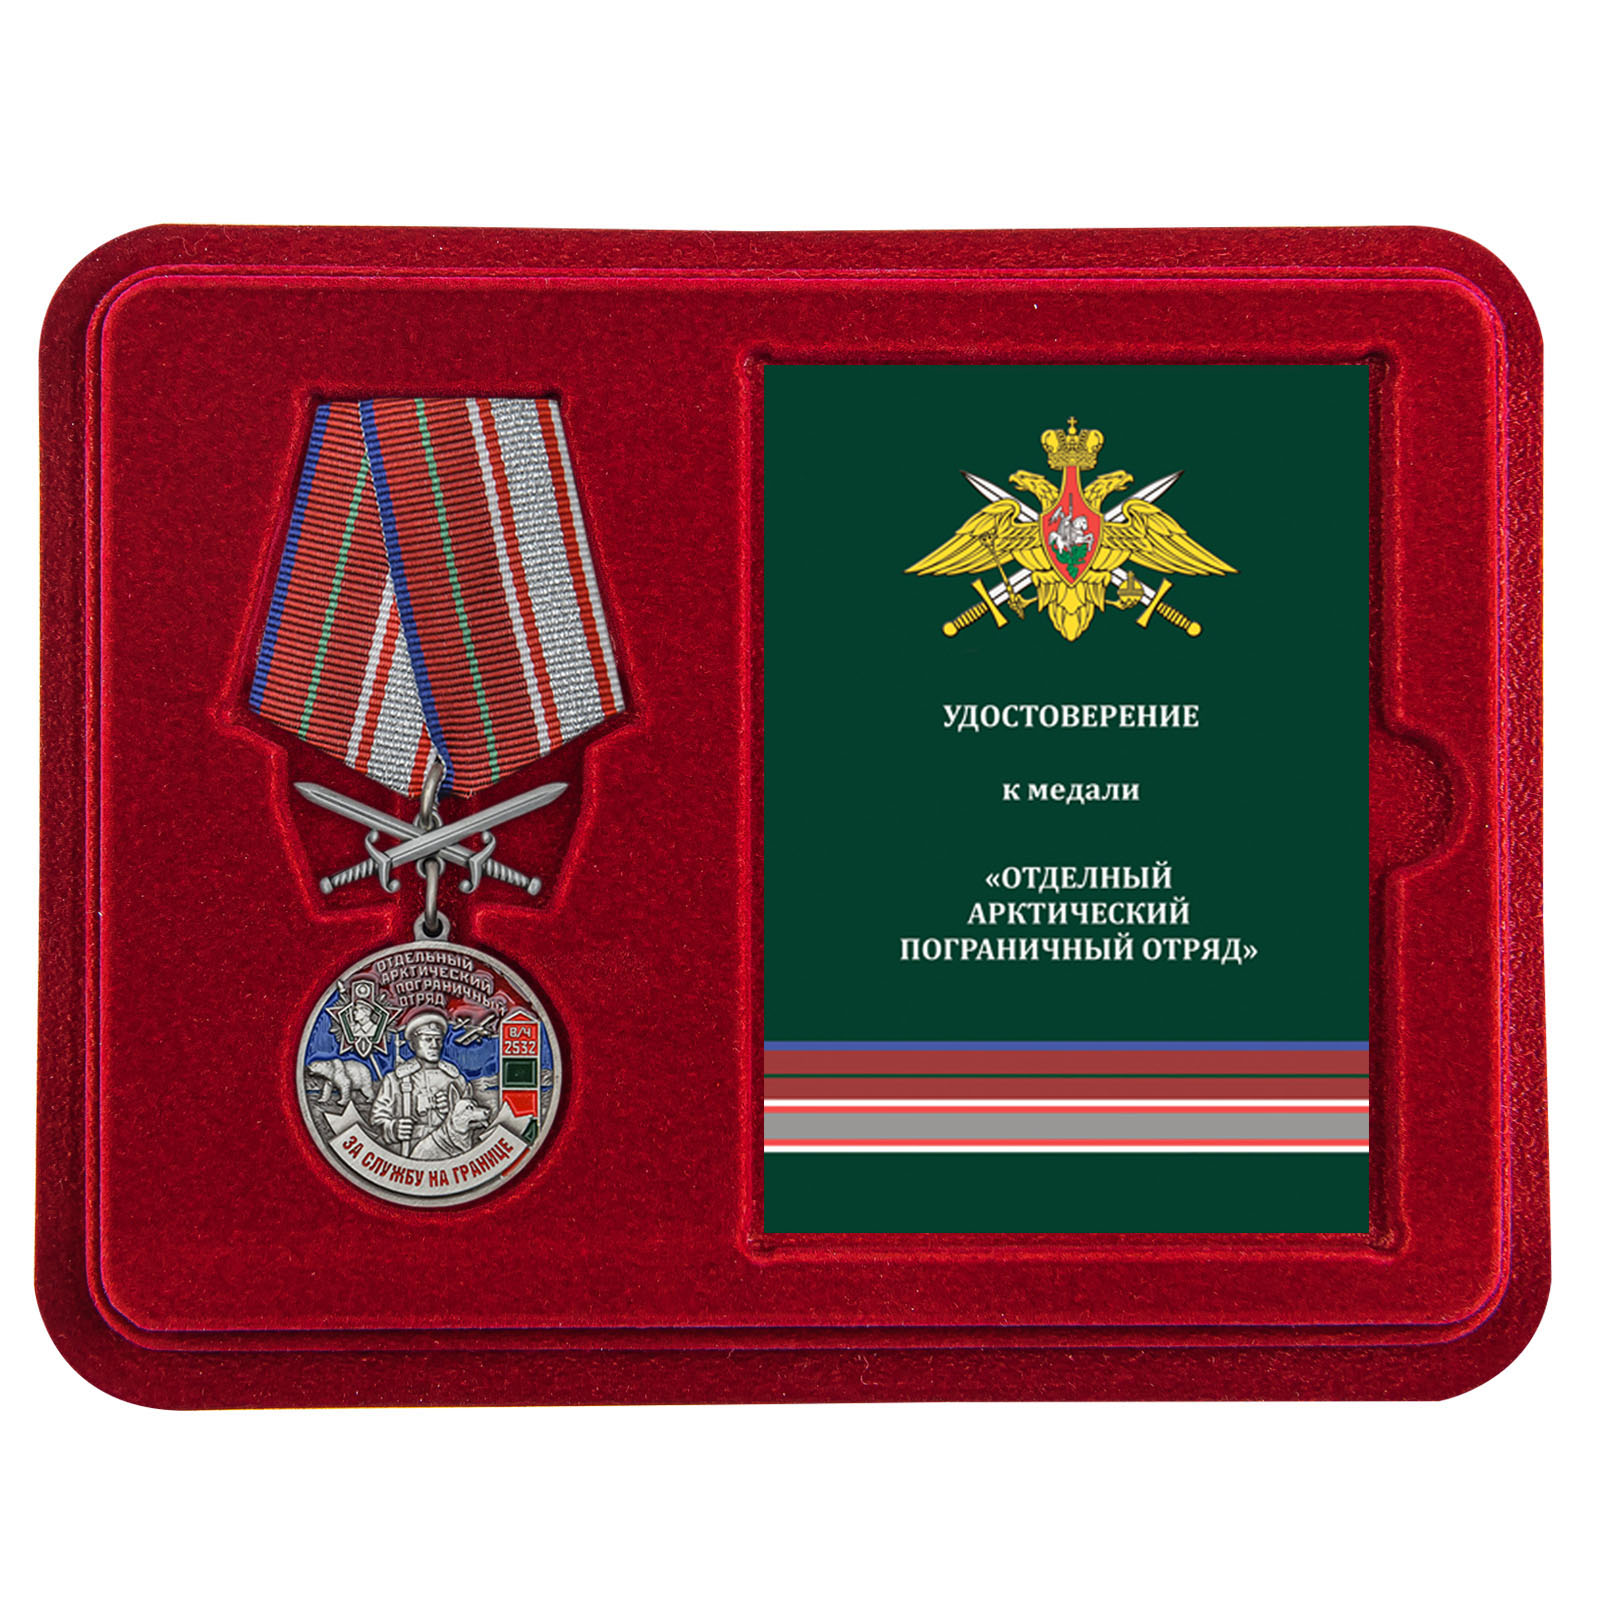 Латунная медаль За службу в Арктическом пограничном отряде - в футляре